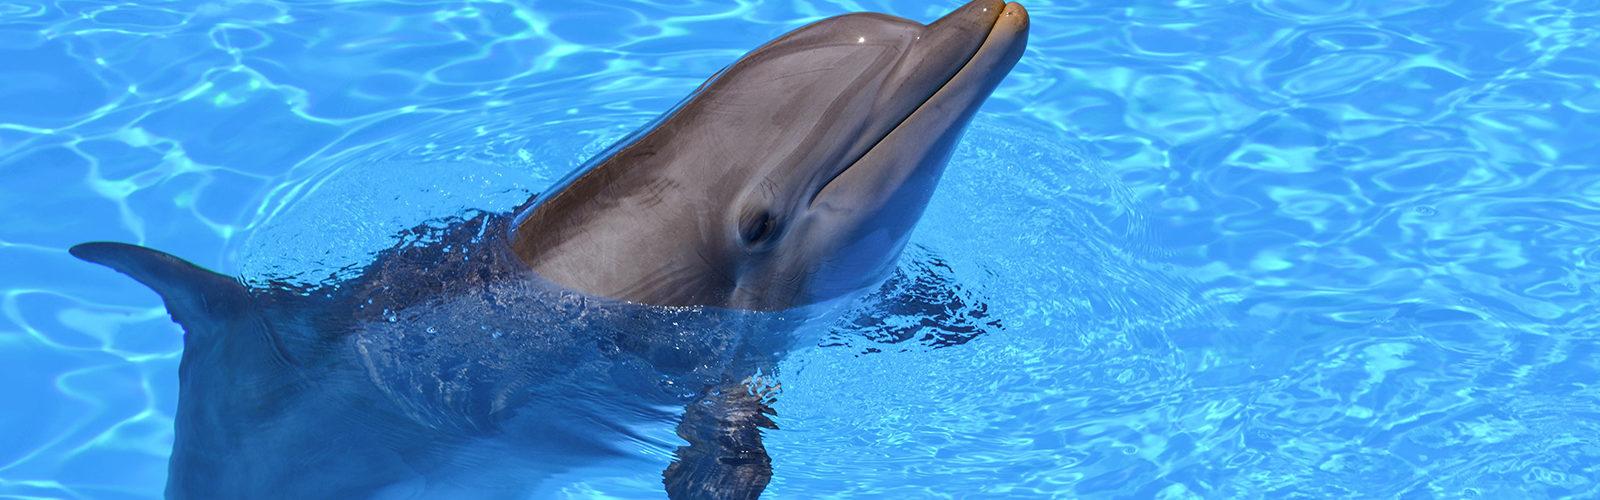 dauphin-aquarium-miami